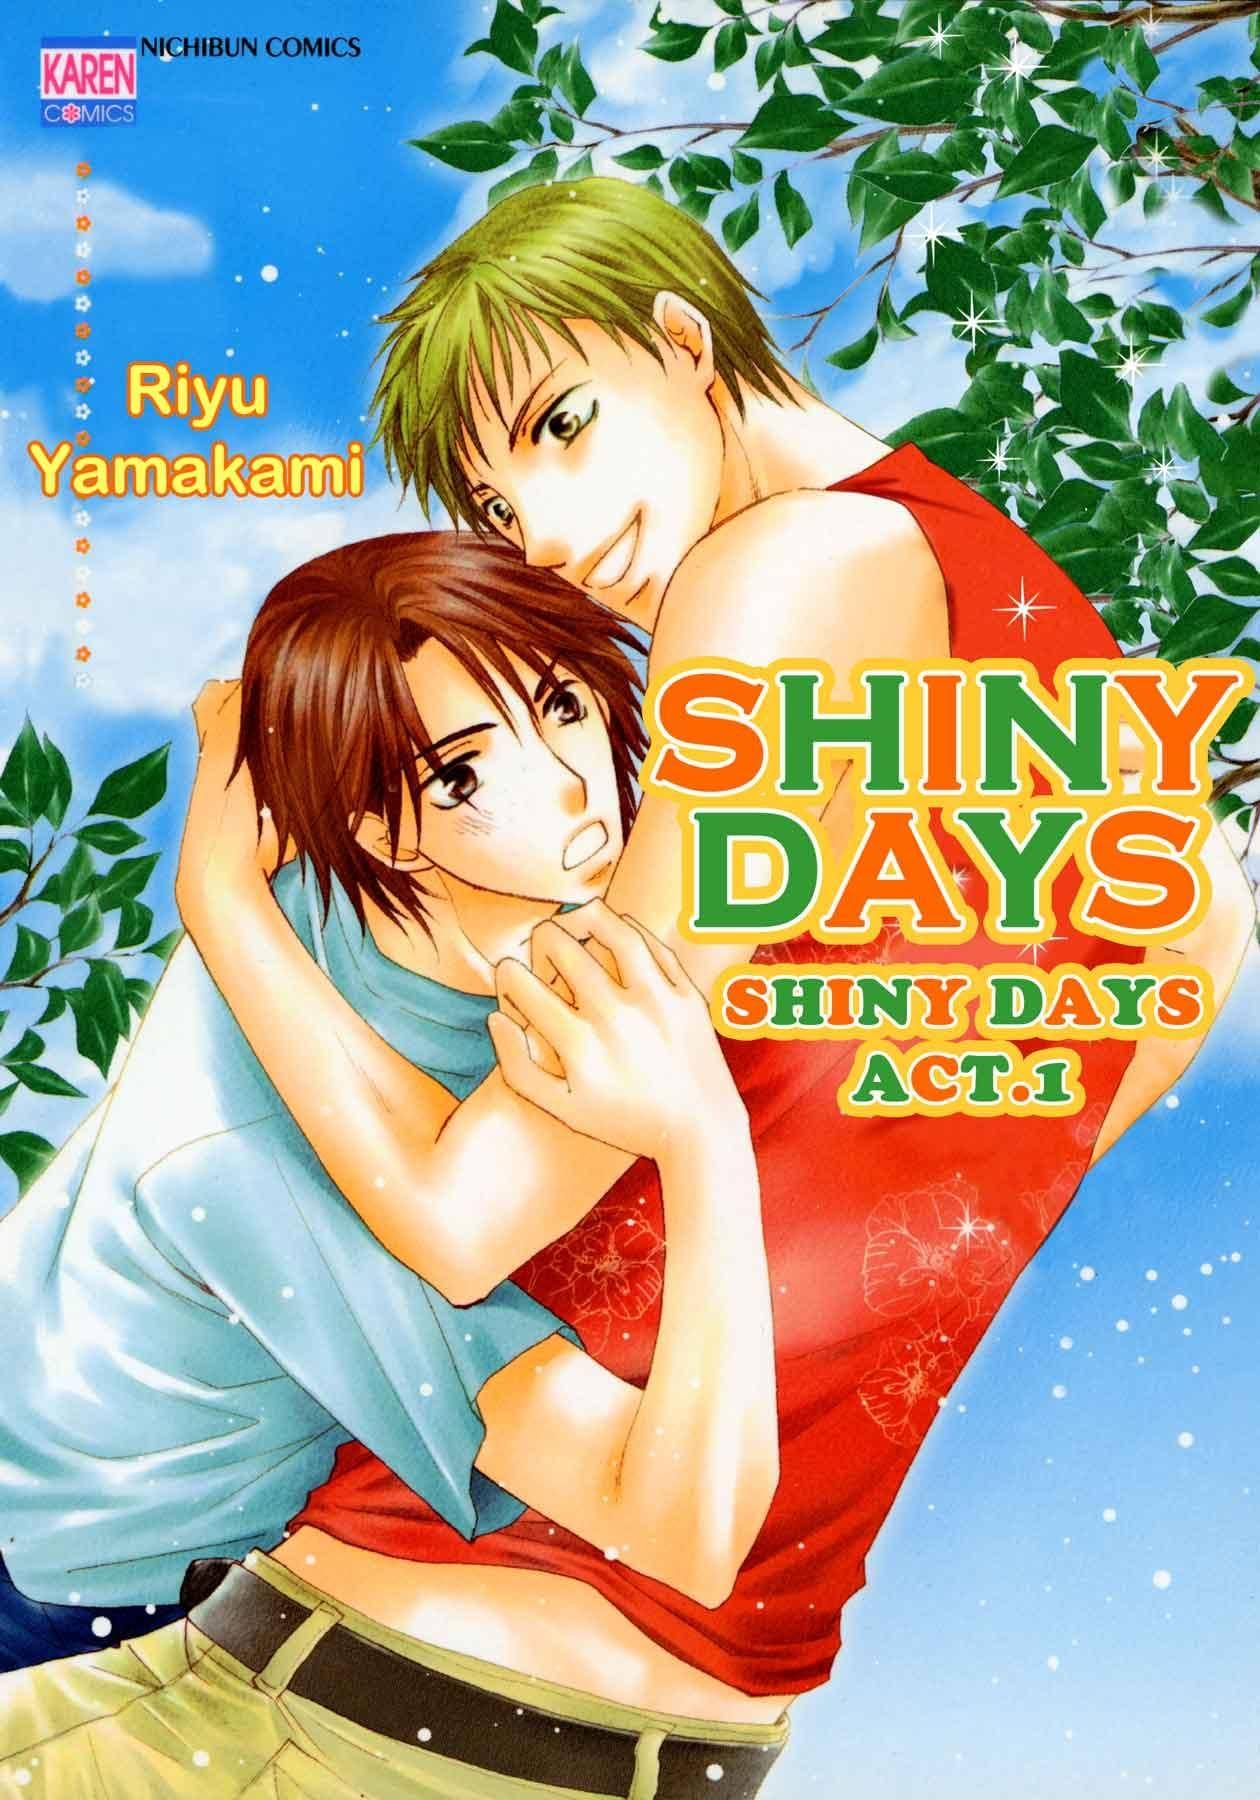 SHINYDAYS #1